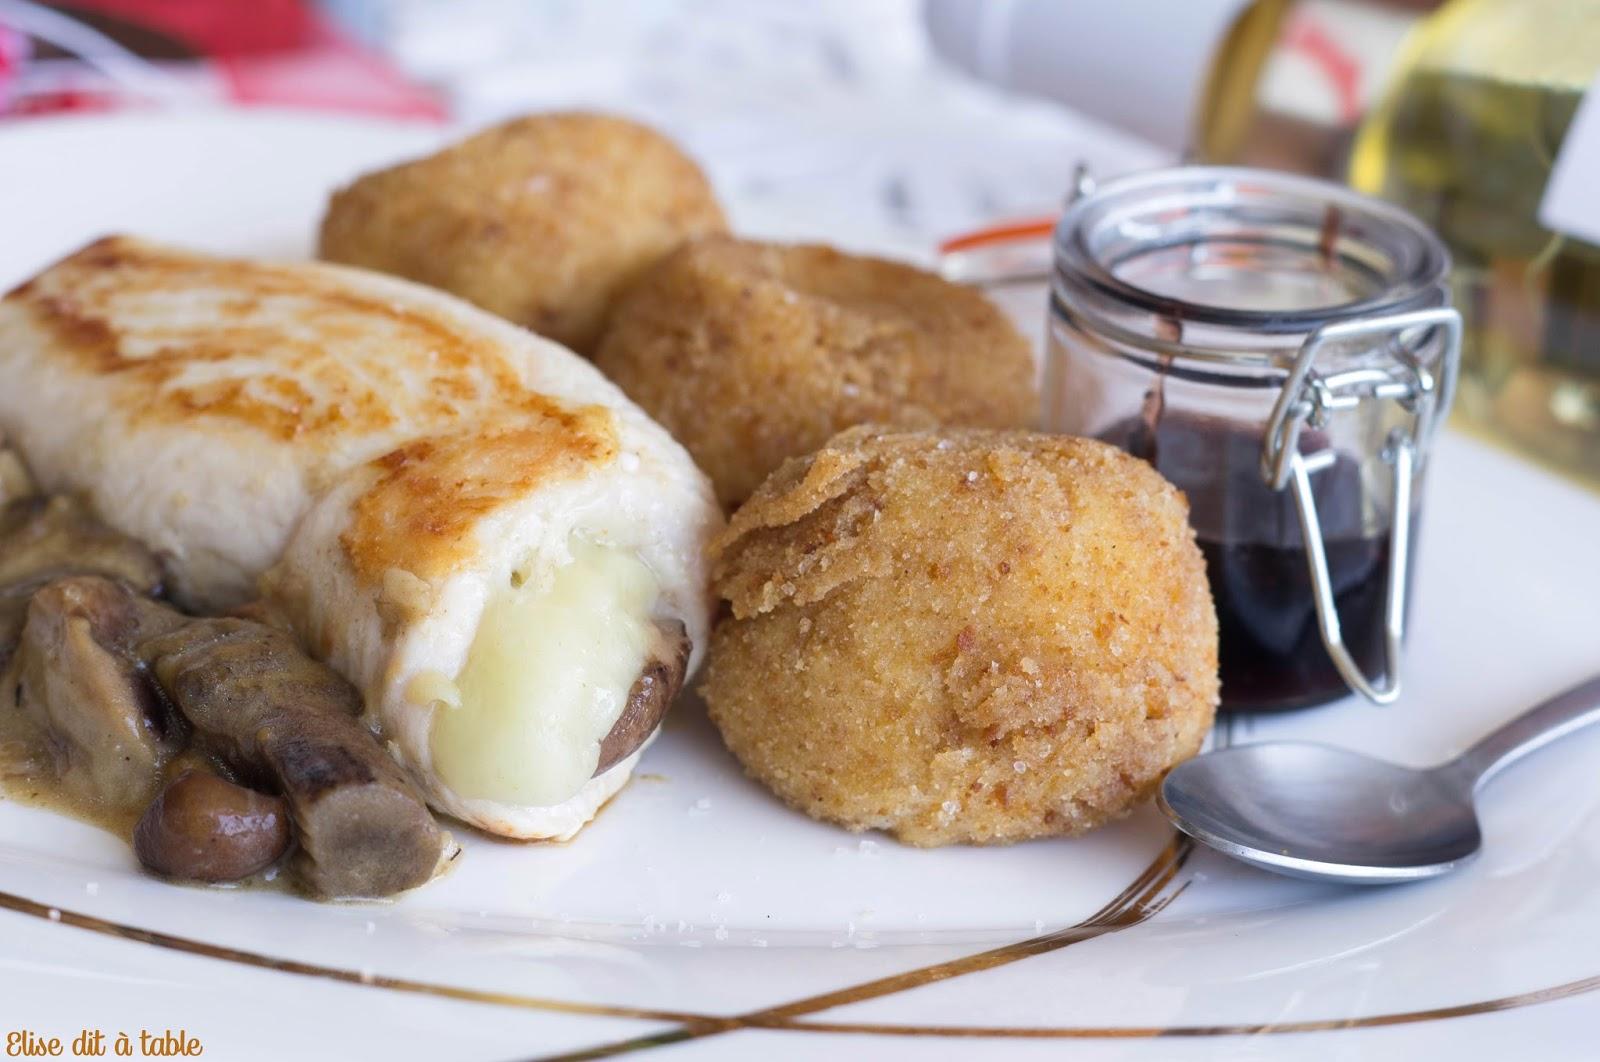 recette Ballottine de poulet, champignons, ossau iraty et sauce à la cerise